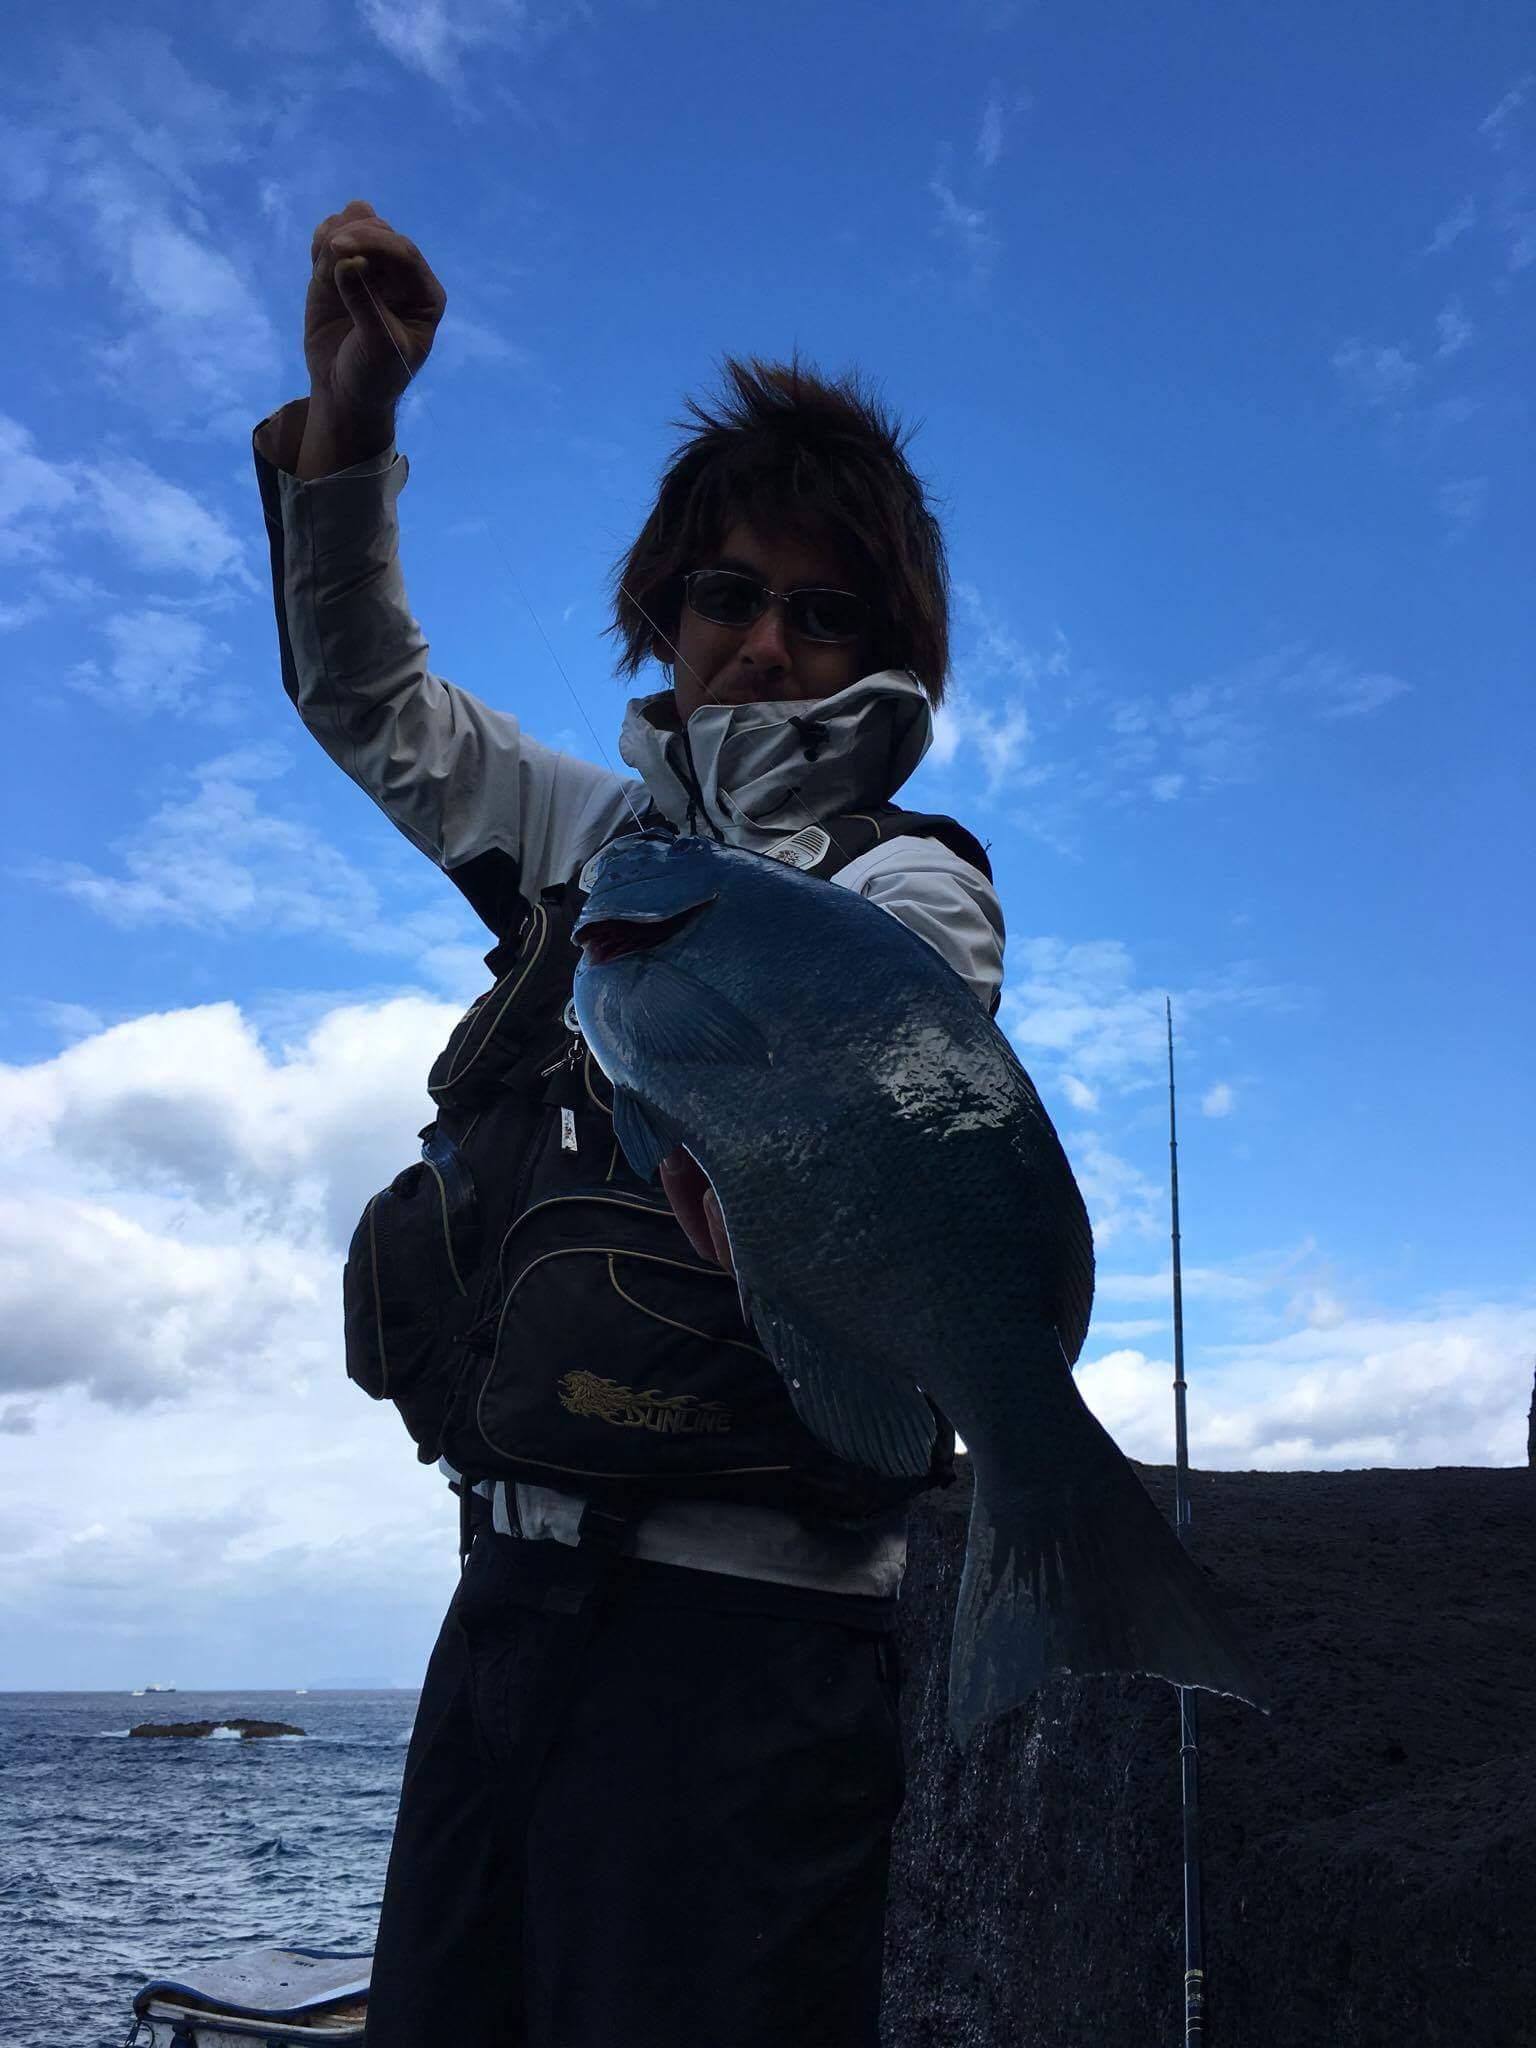 夏の釣りも楽しめます!